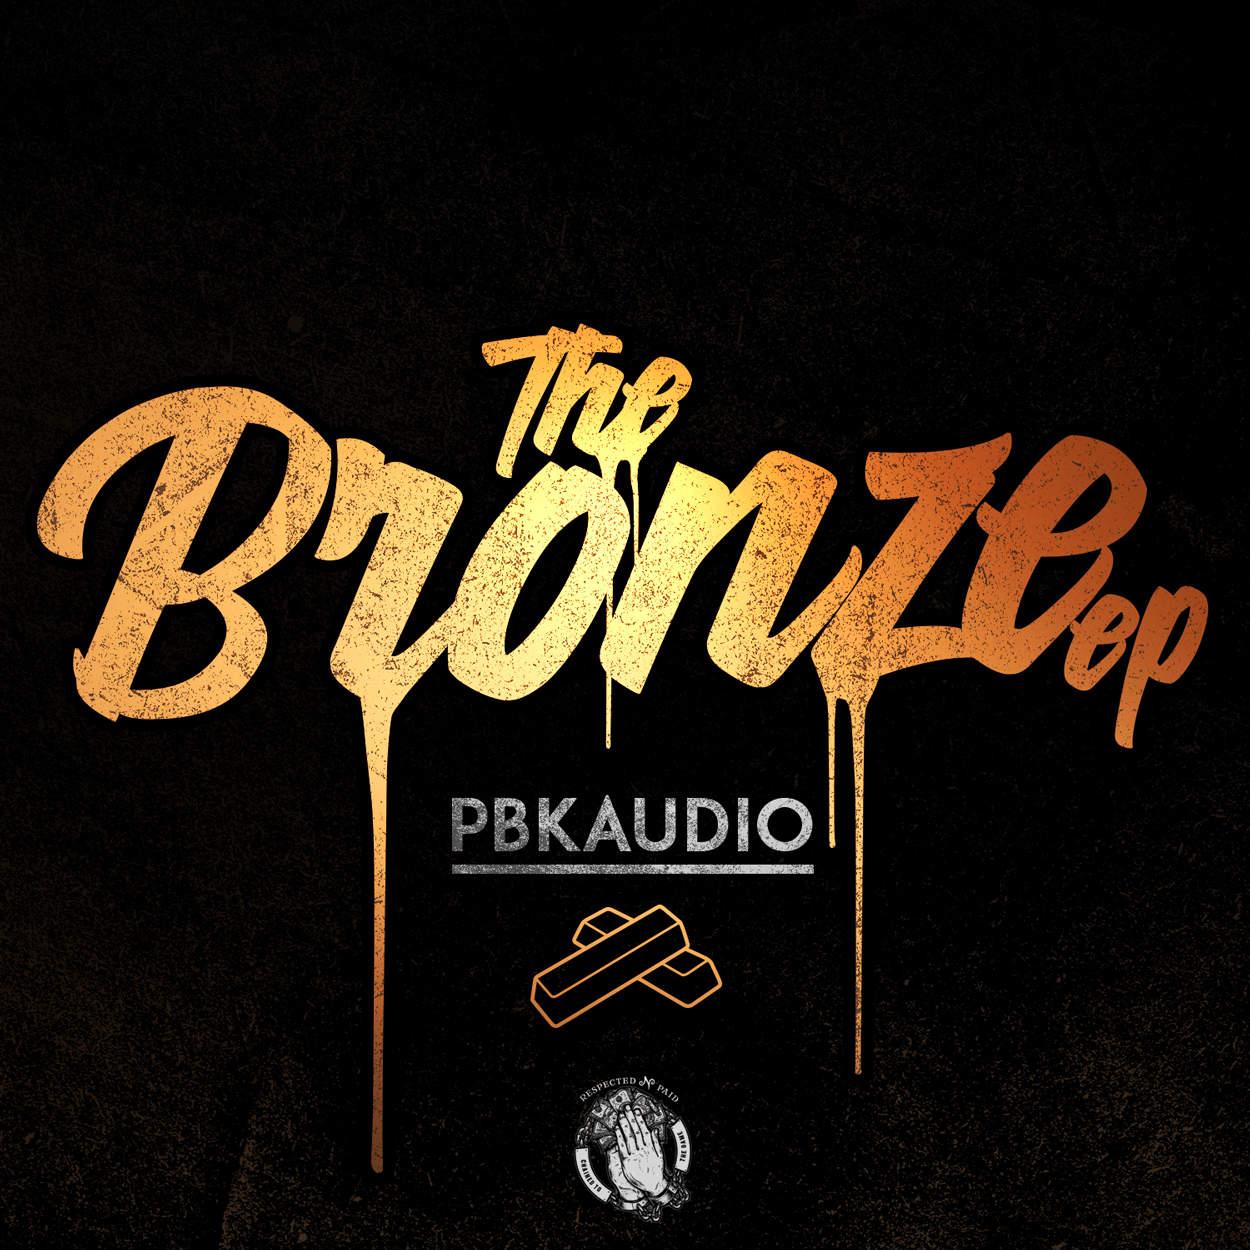 pbkaudio - the bronze ep - album art design